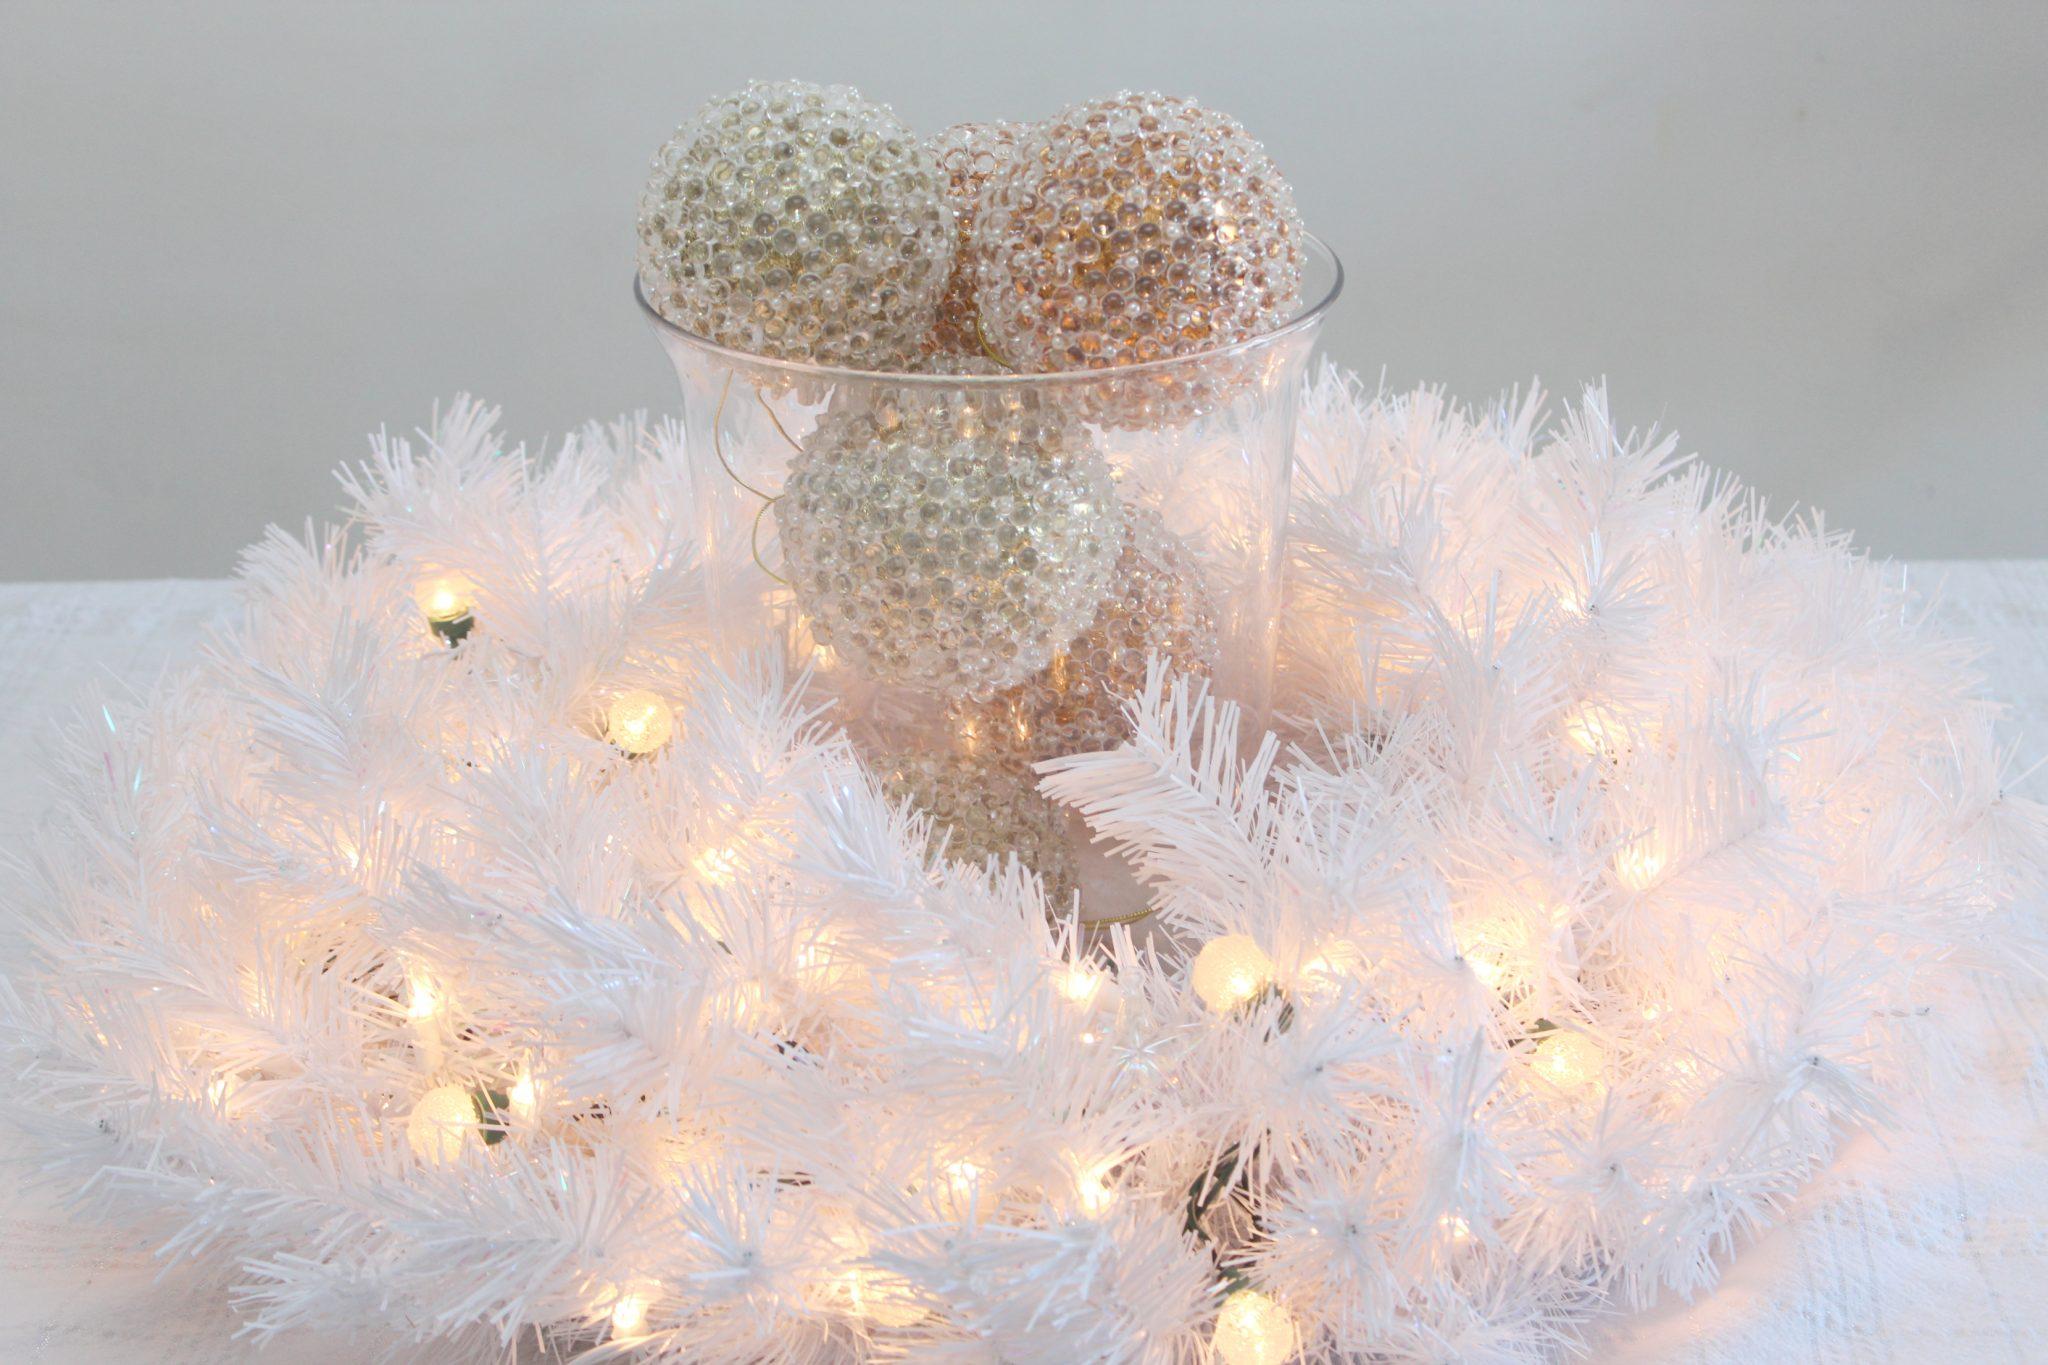 Glam NYE White Wreath Centerpiece